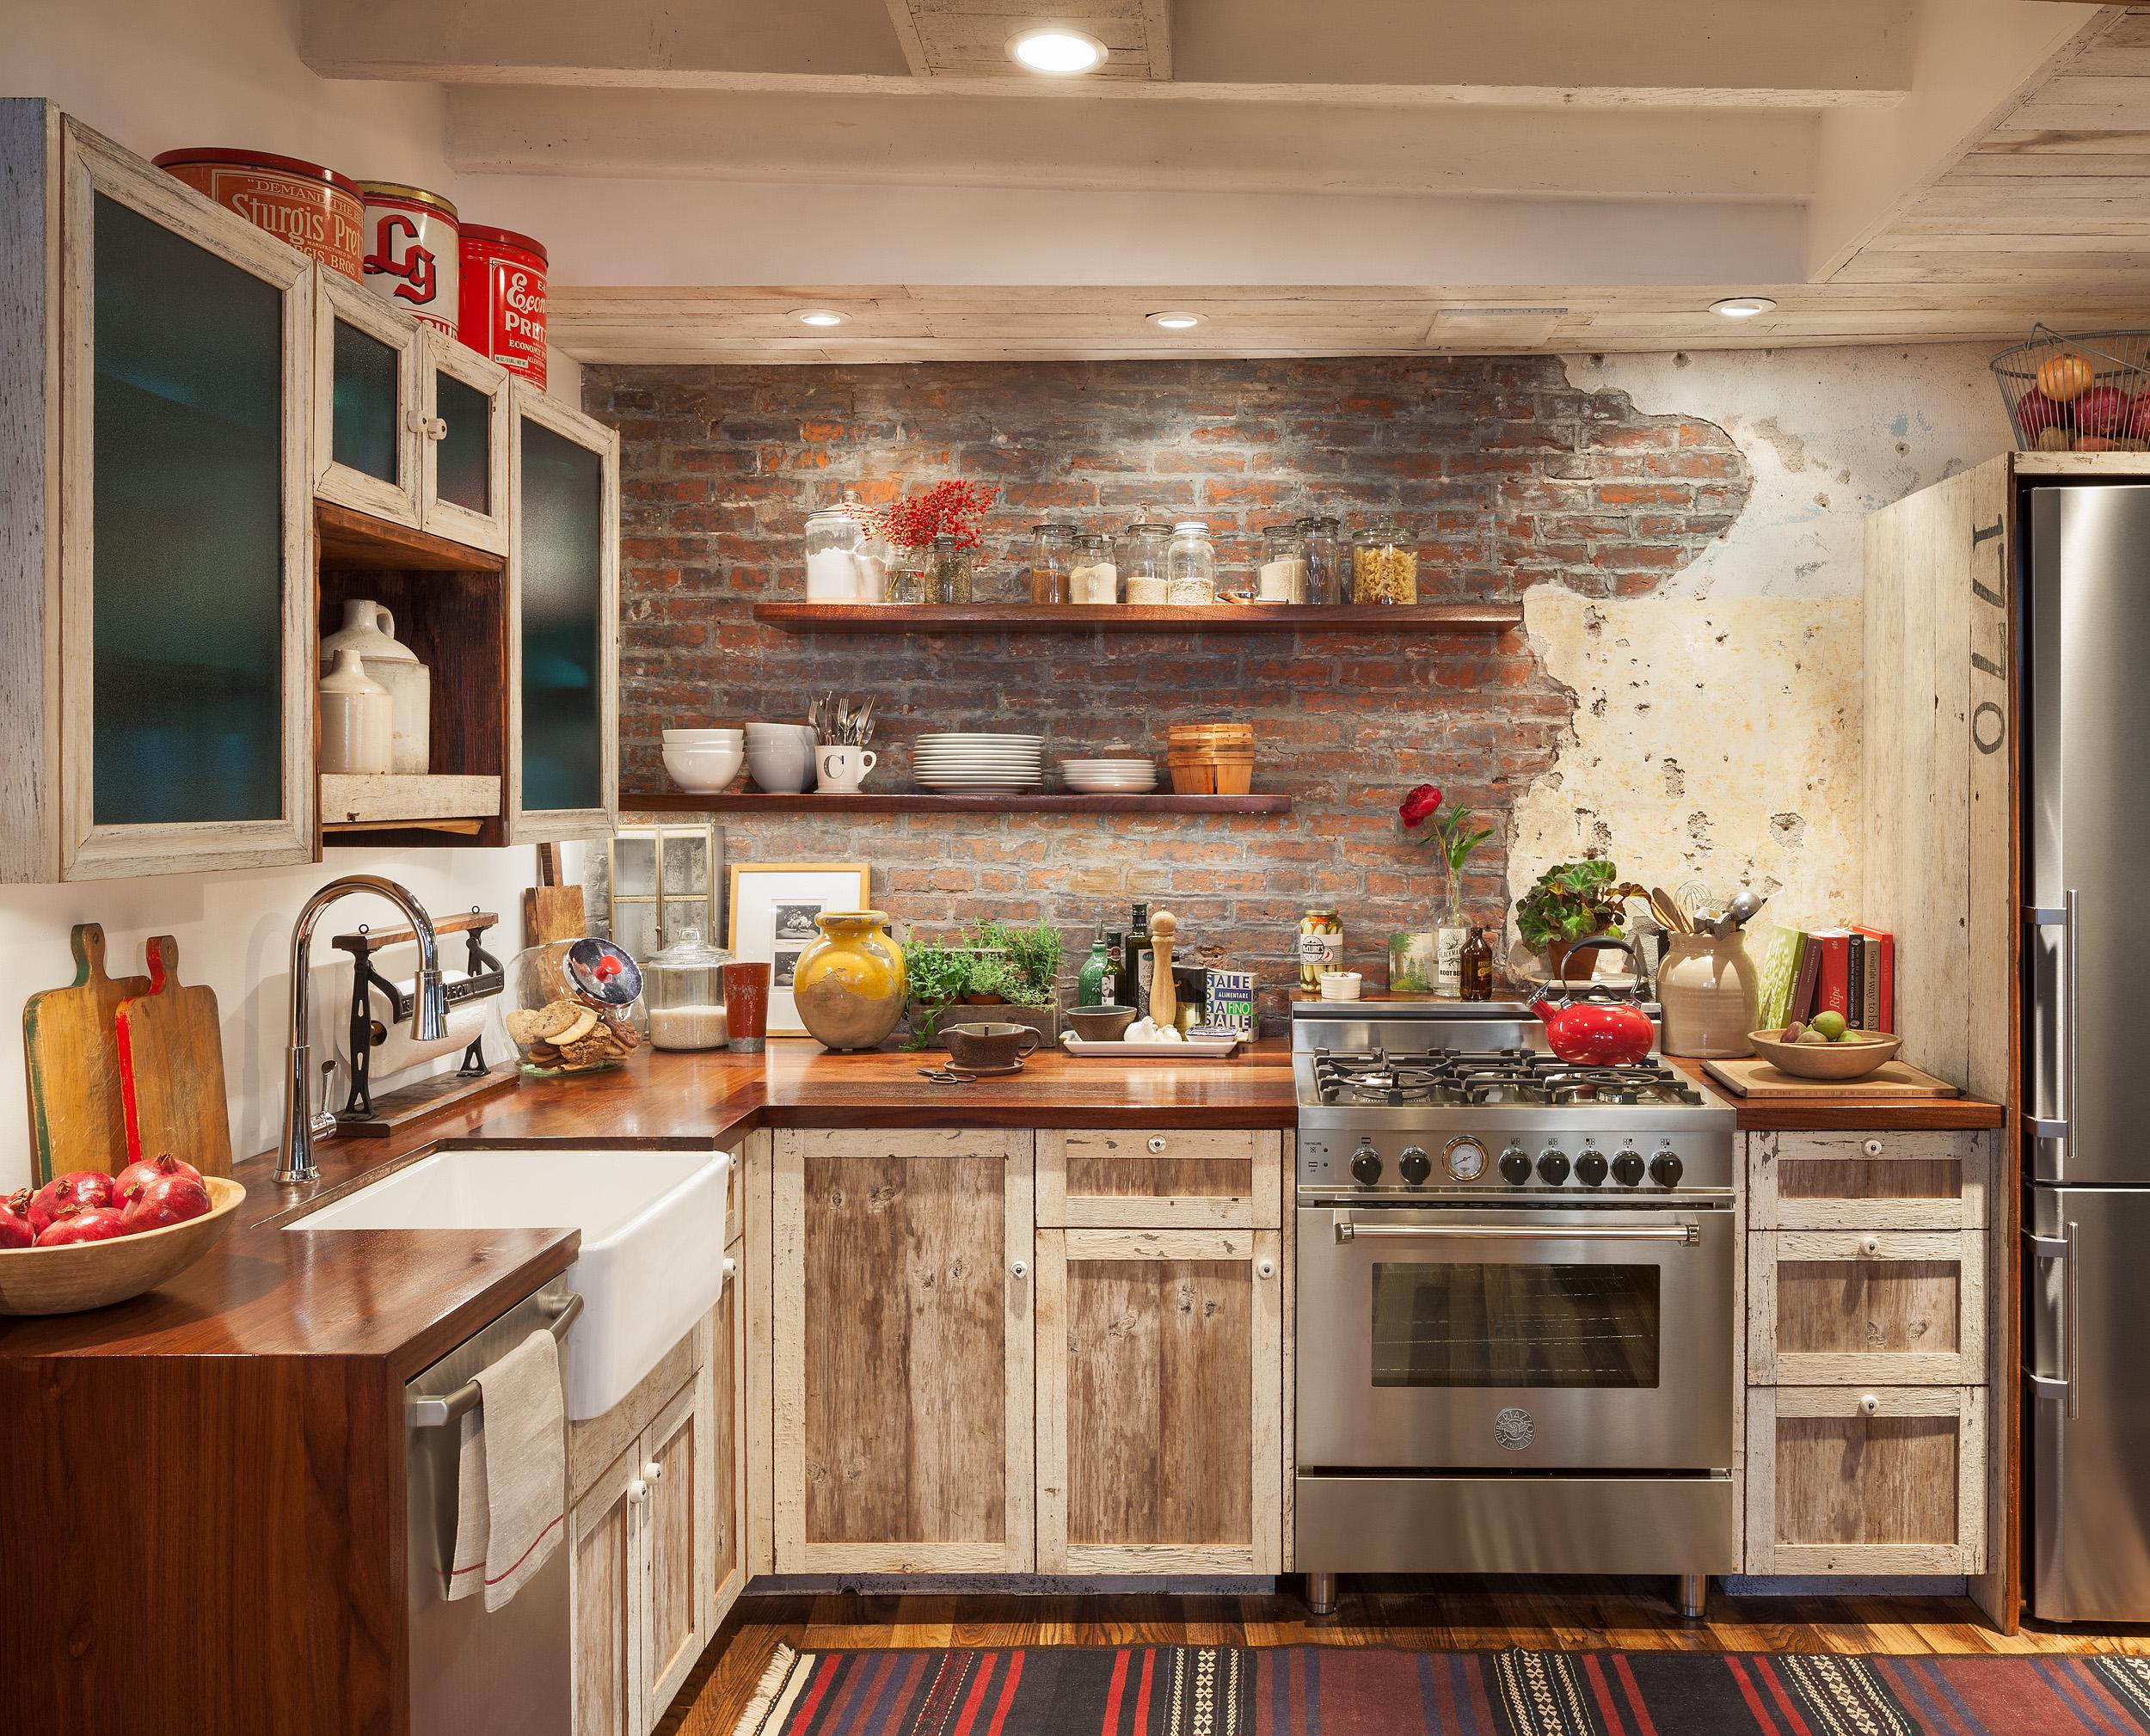 Queen Village Kitchen 1.jpg